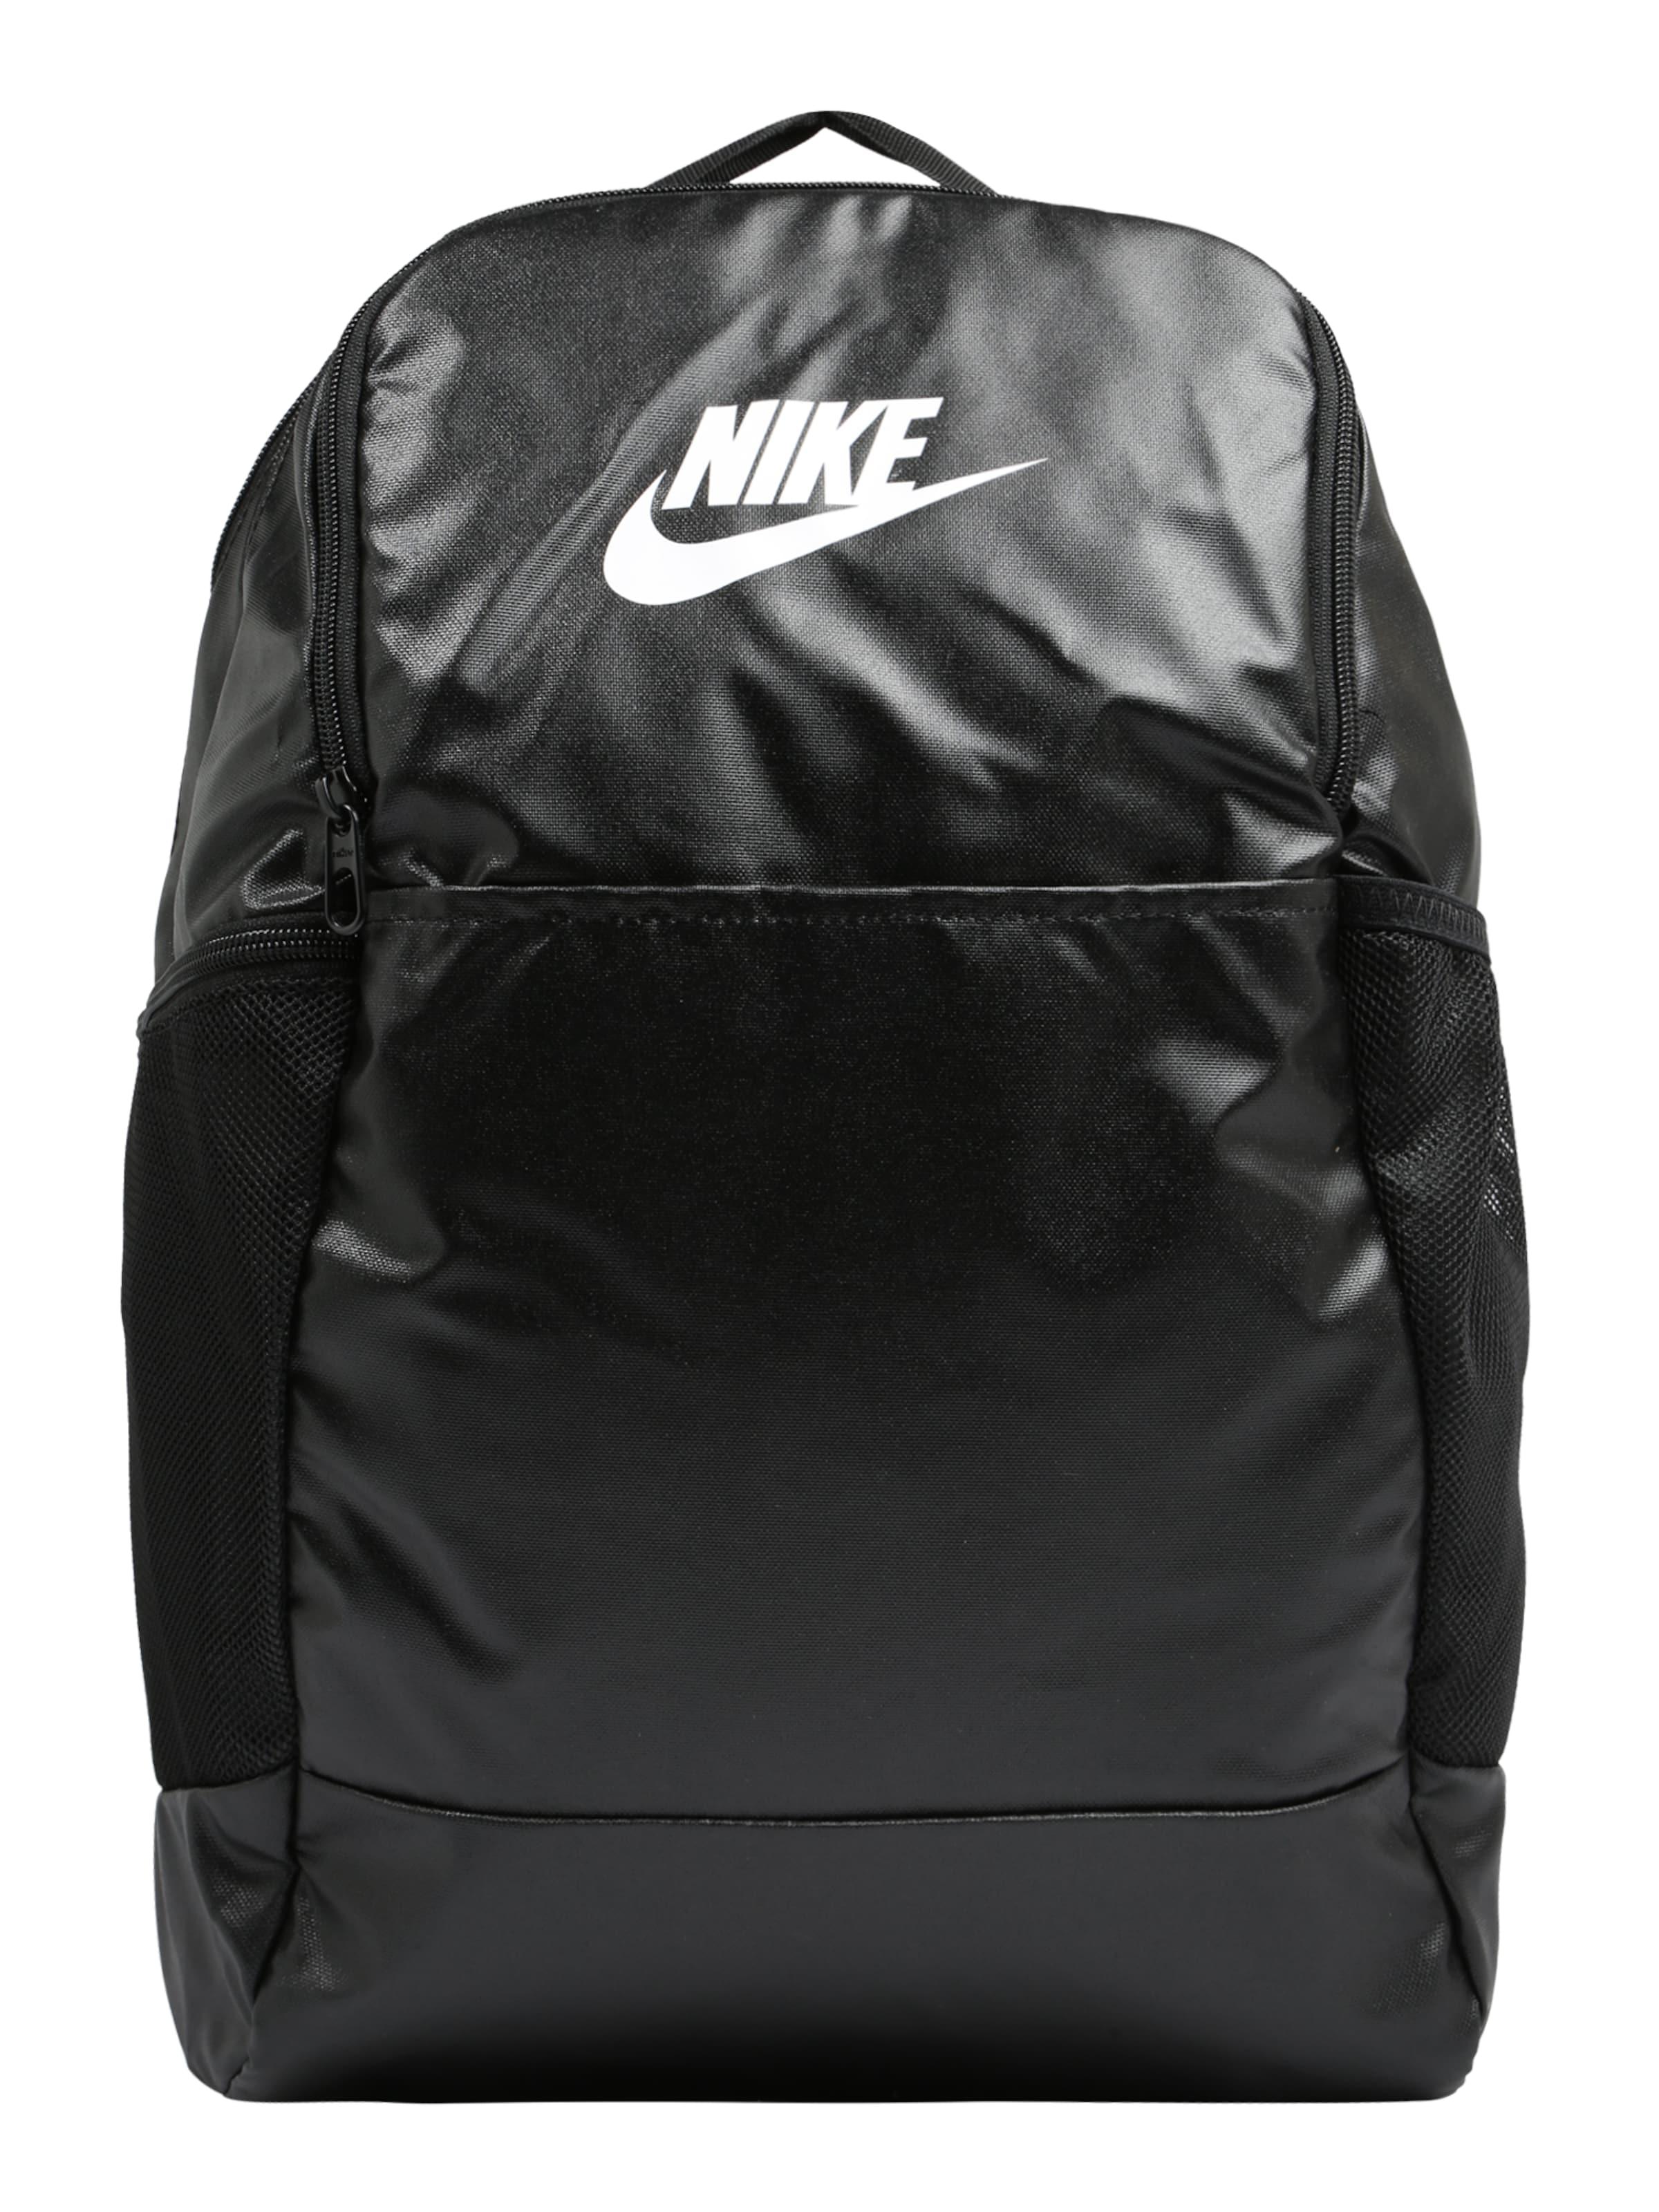 Brsla M À En 0 Mtrl' Sport Nike 'nk Sac Dos Noir De Bkpk9 VUzSqGMp